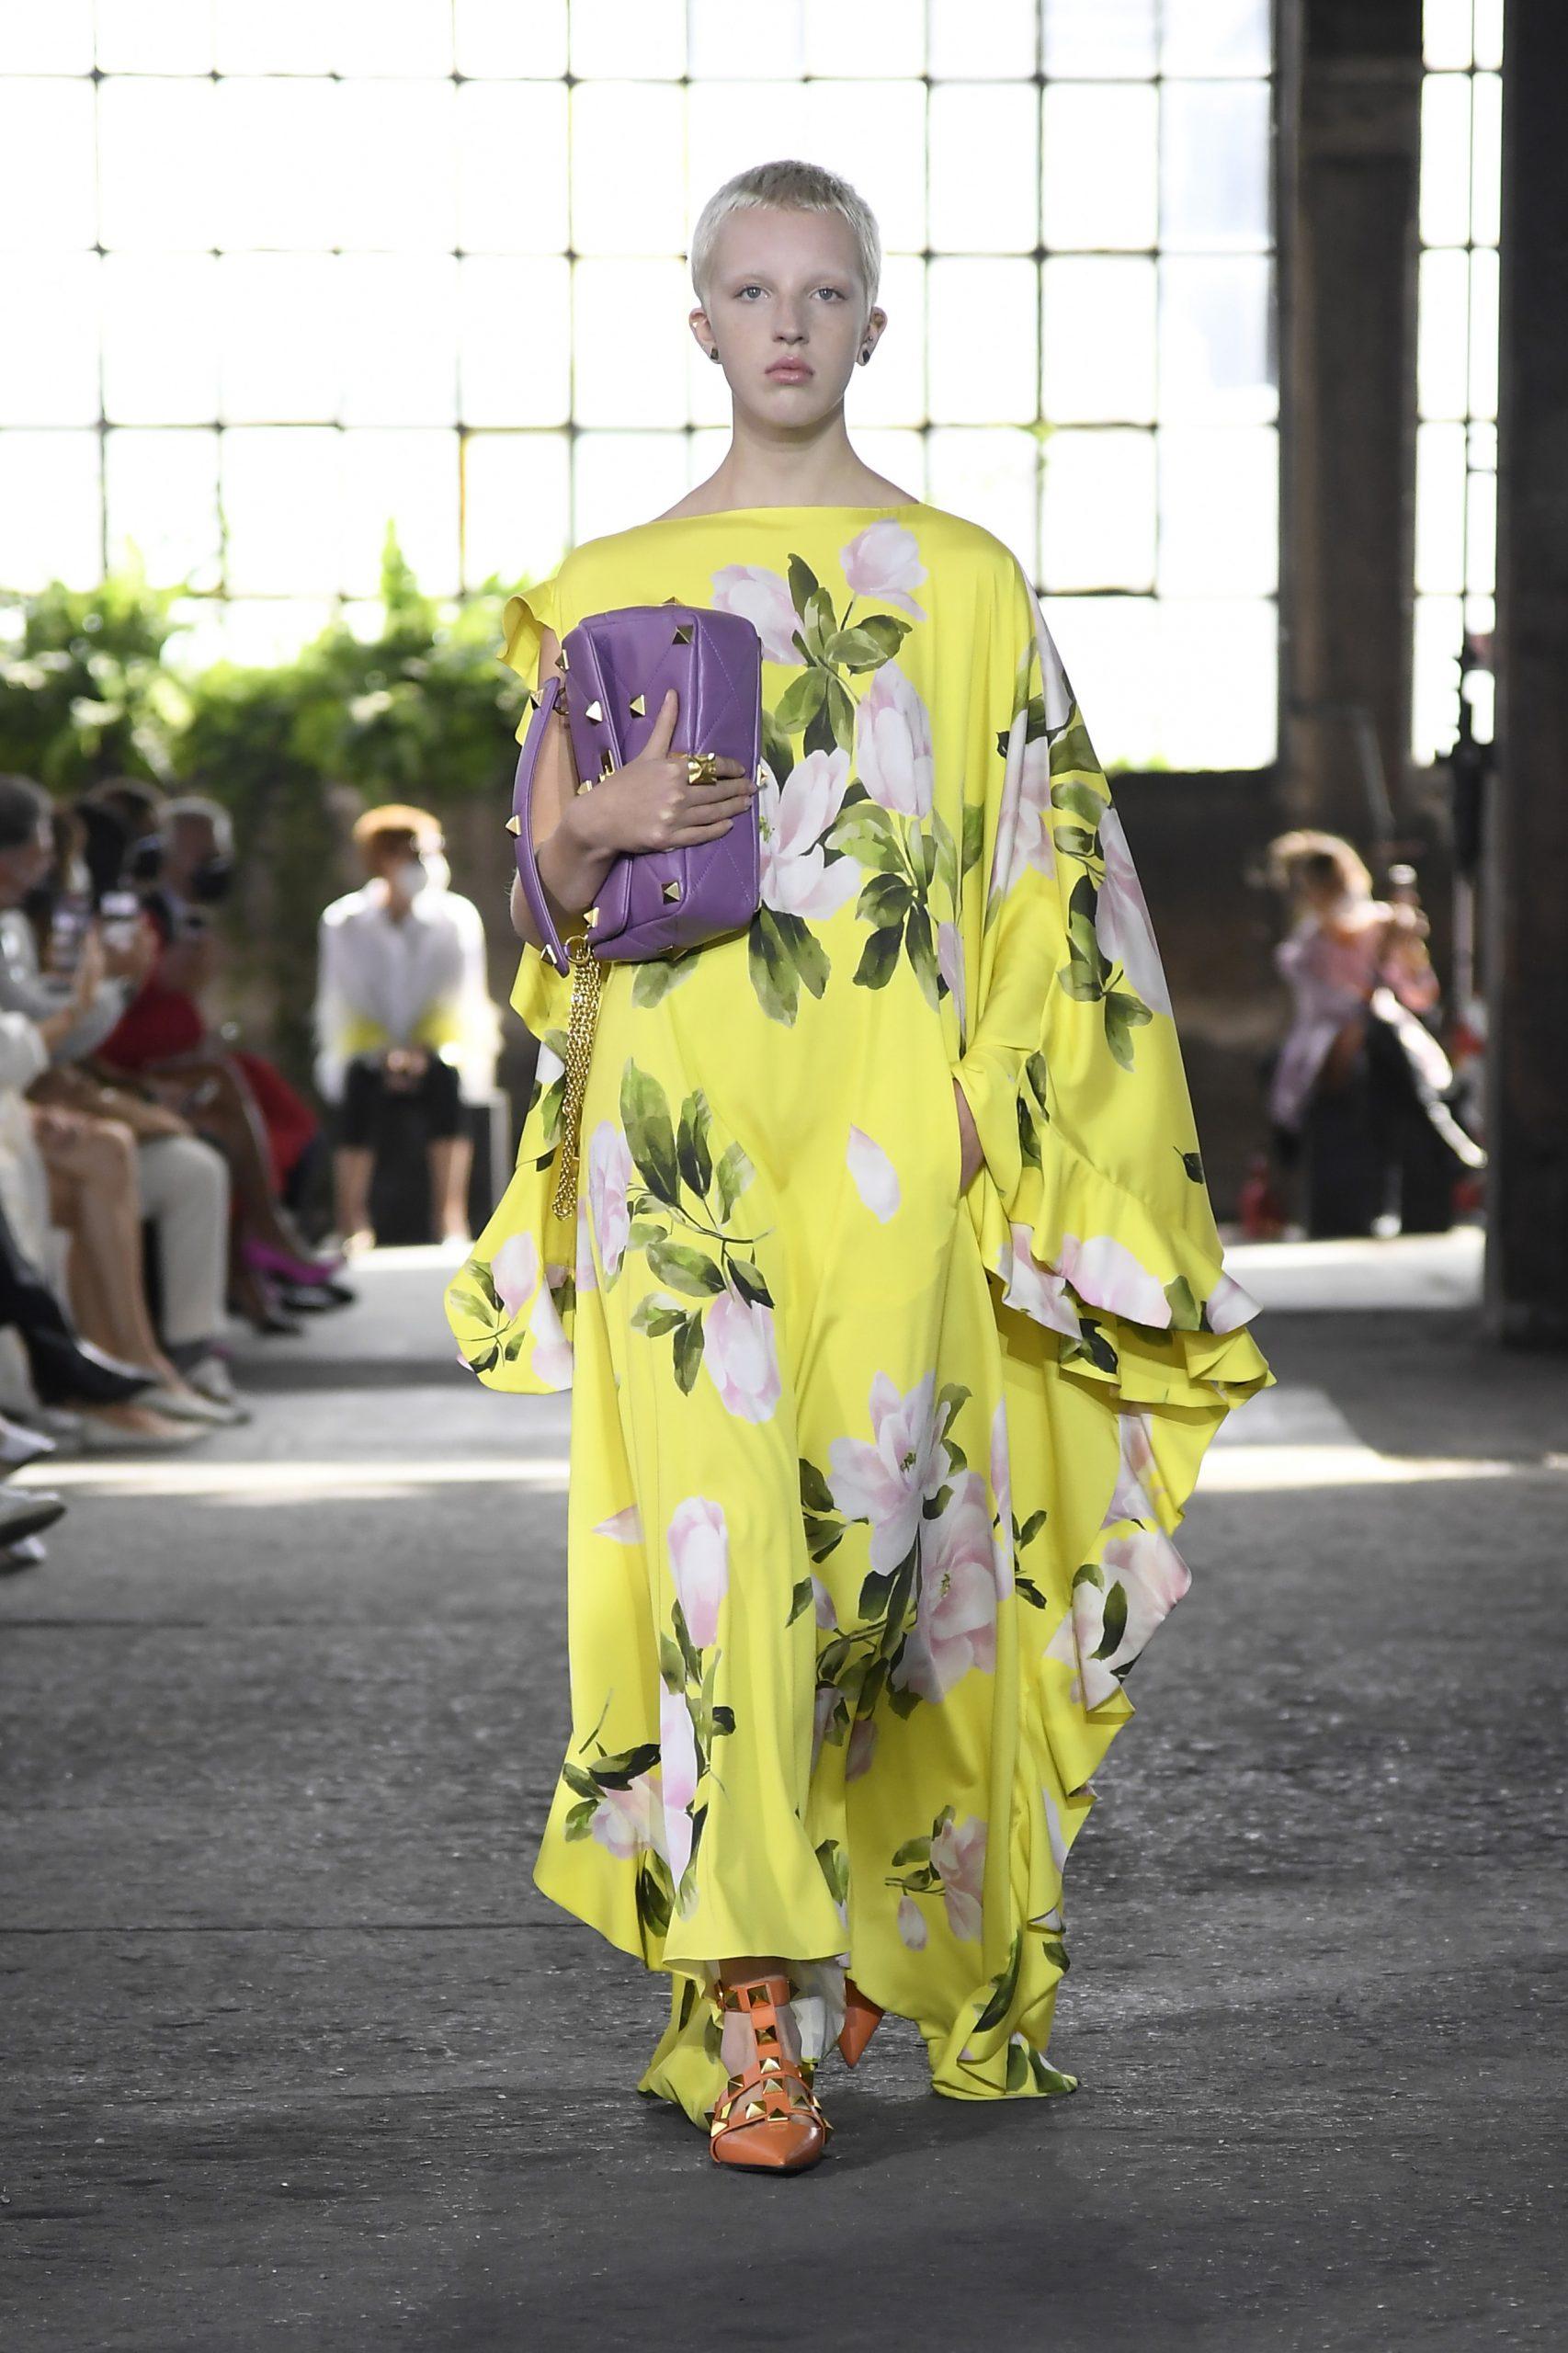 Fashion trends: Οι τουνίκ είναι πάντα σικ